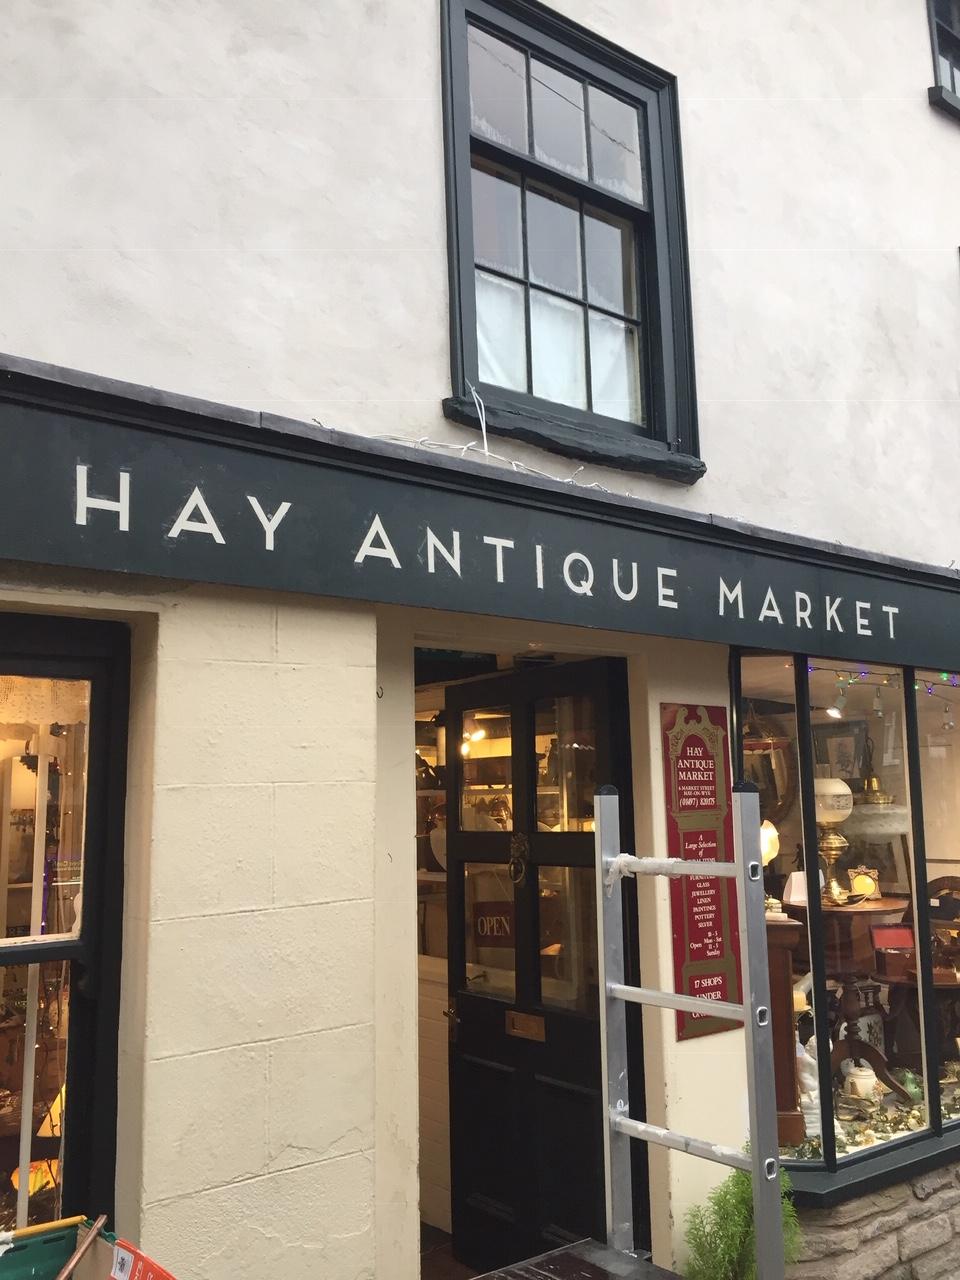 Hay Antique Market